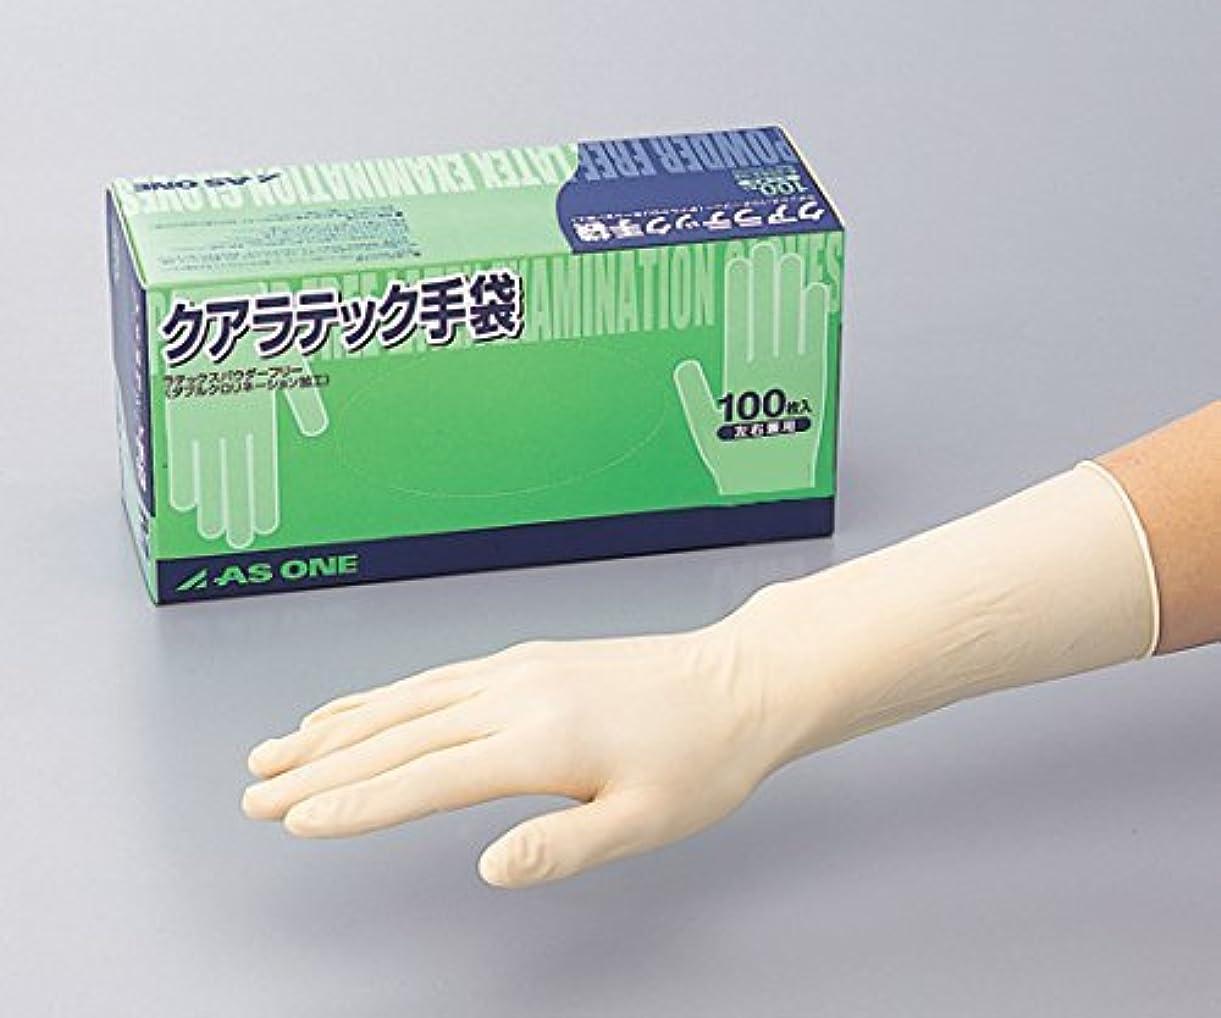 ヒゲ国家一見アズワン8-4053-02クアラテック手袋(DXパウダーフリー)M1箱(100枚入)